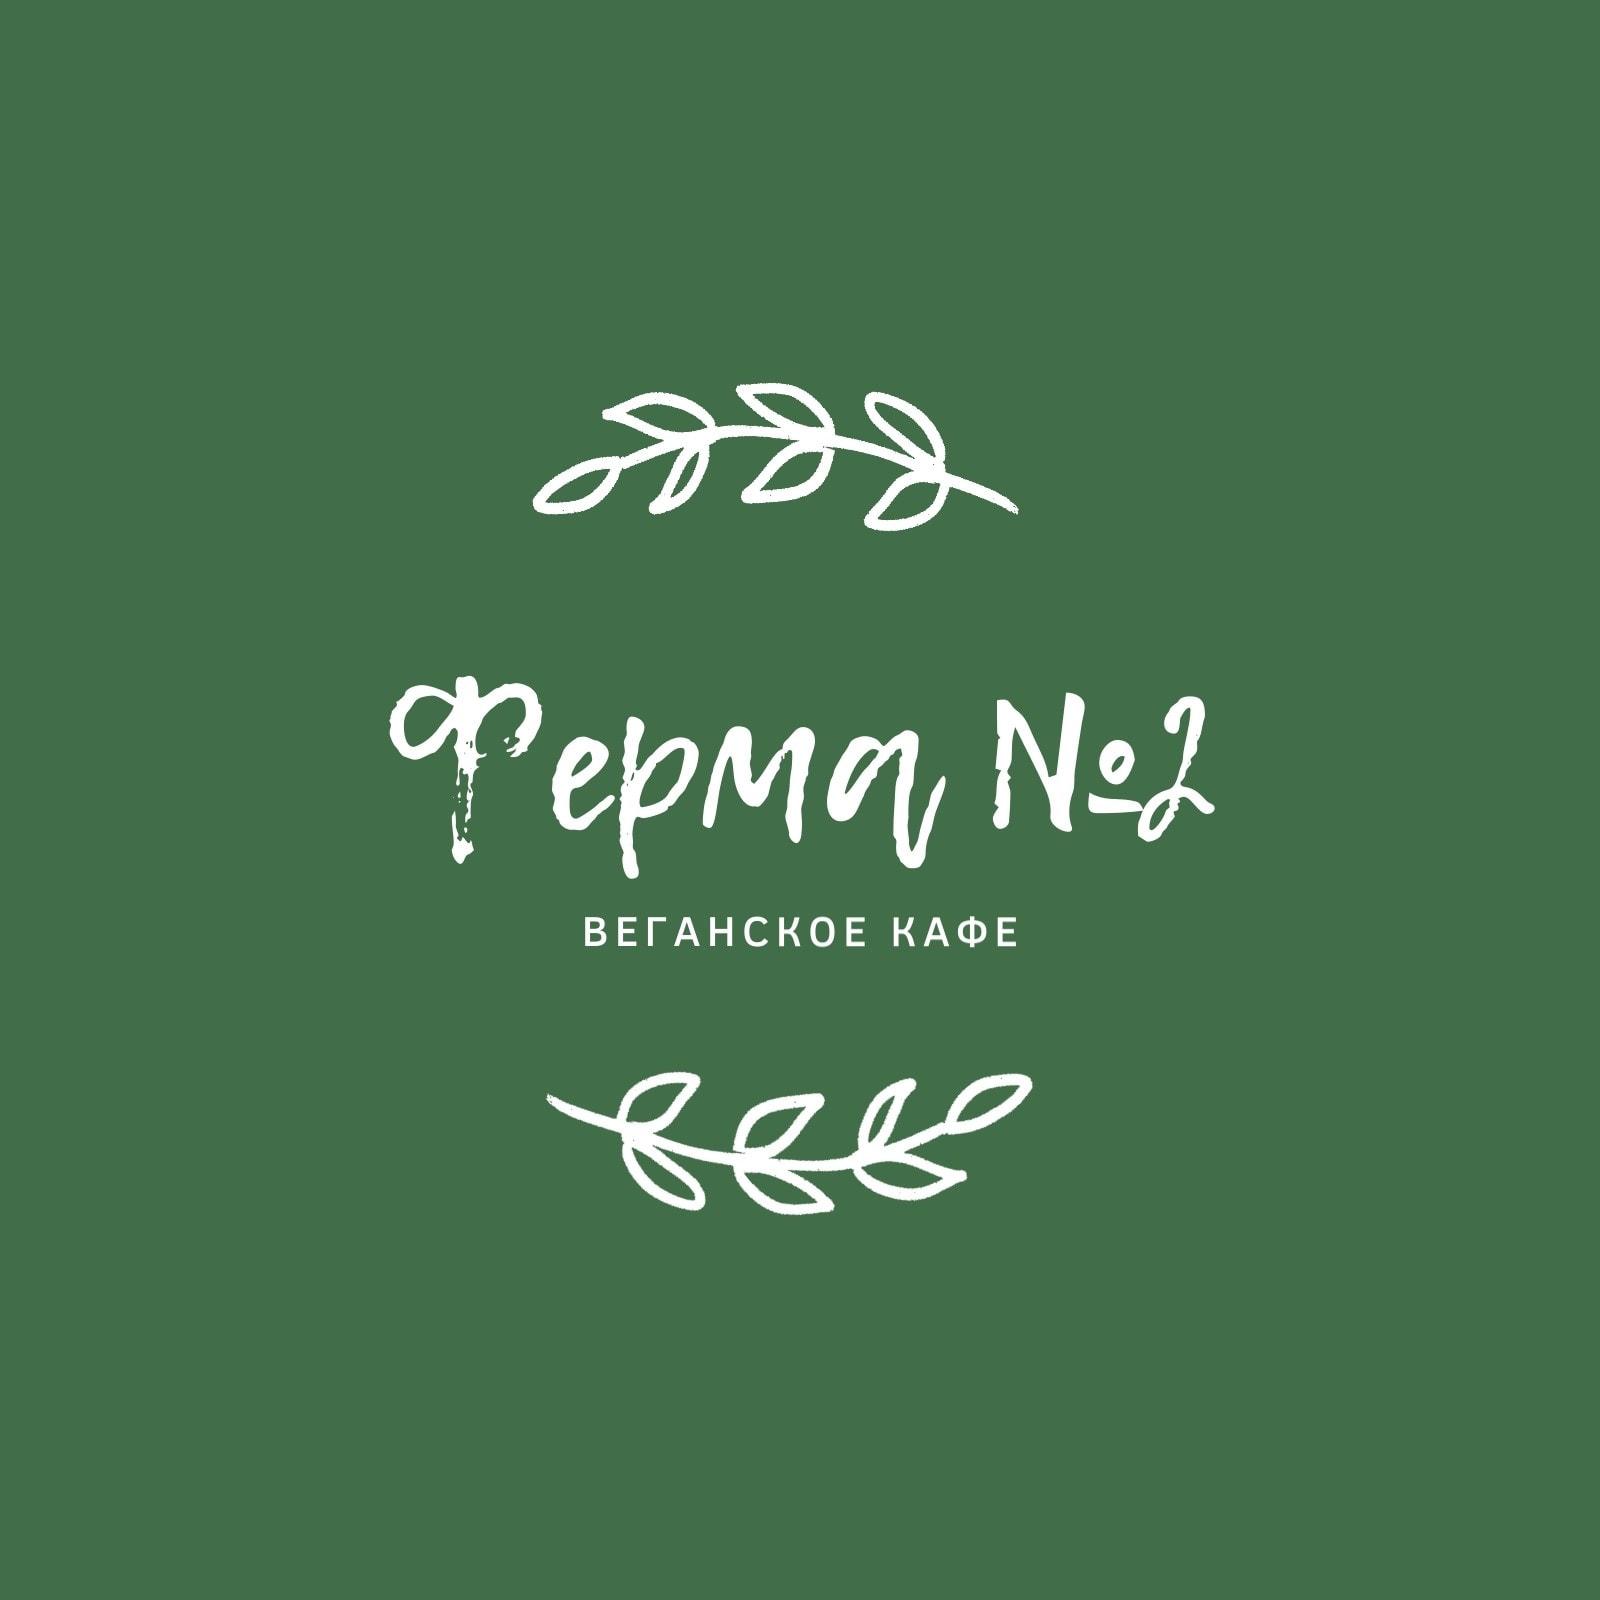 Зеленый Листья Органический и Женственный Ресторанный Логотип